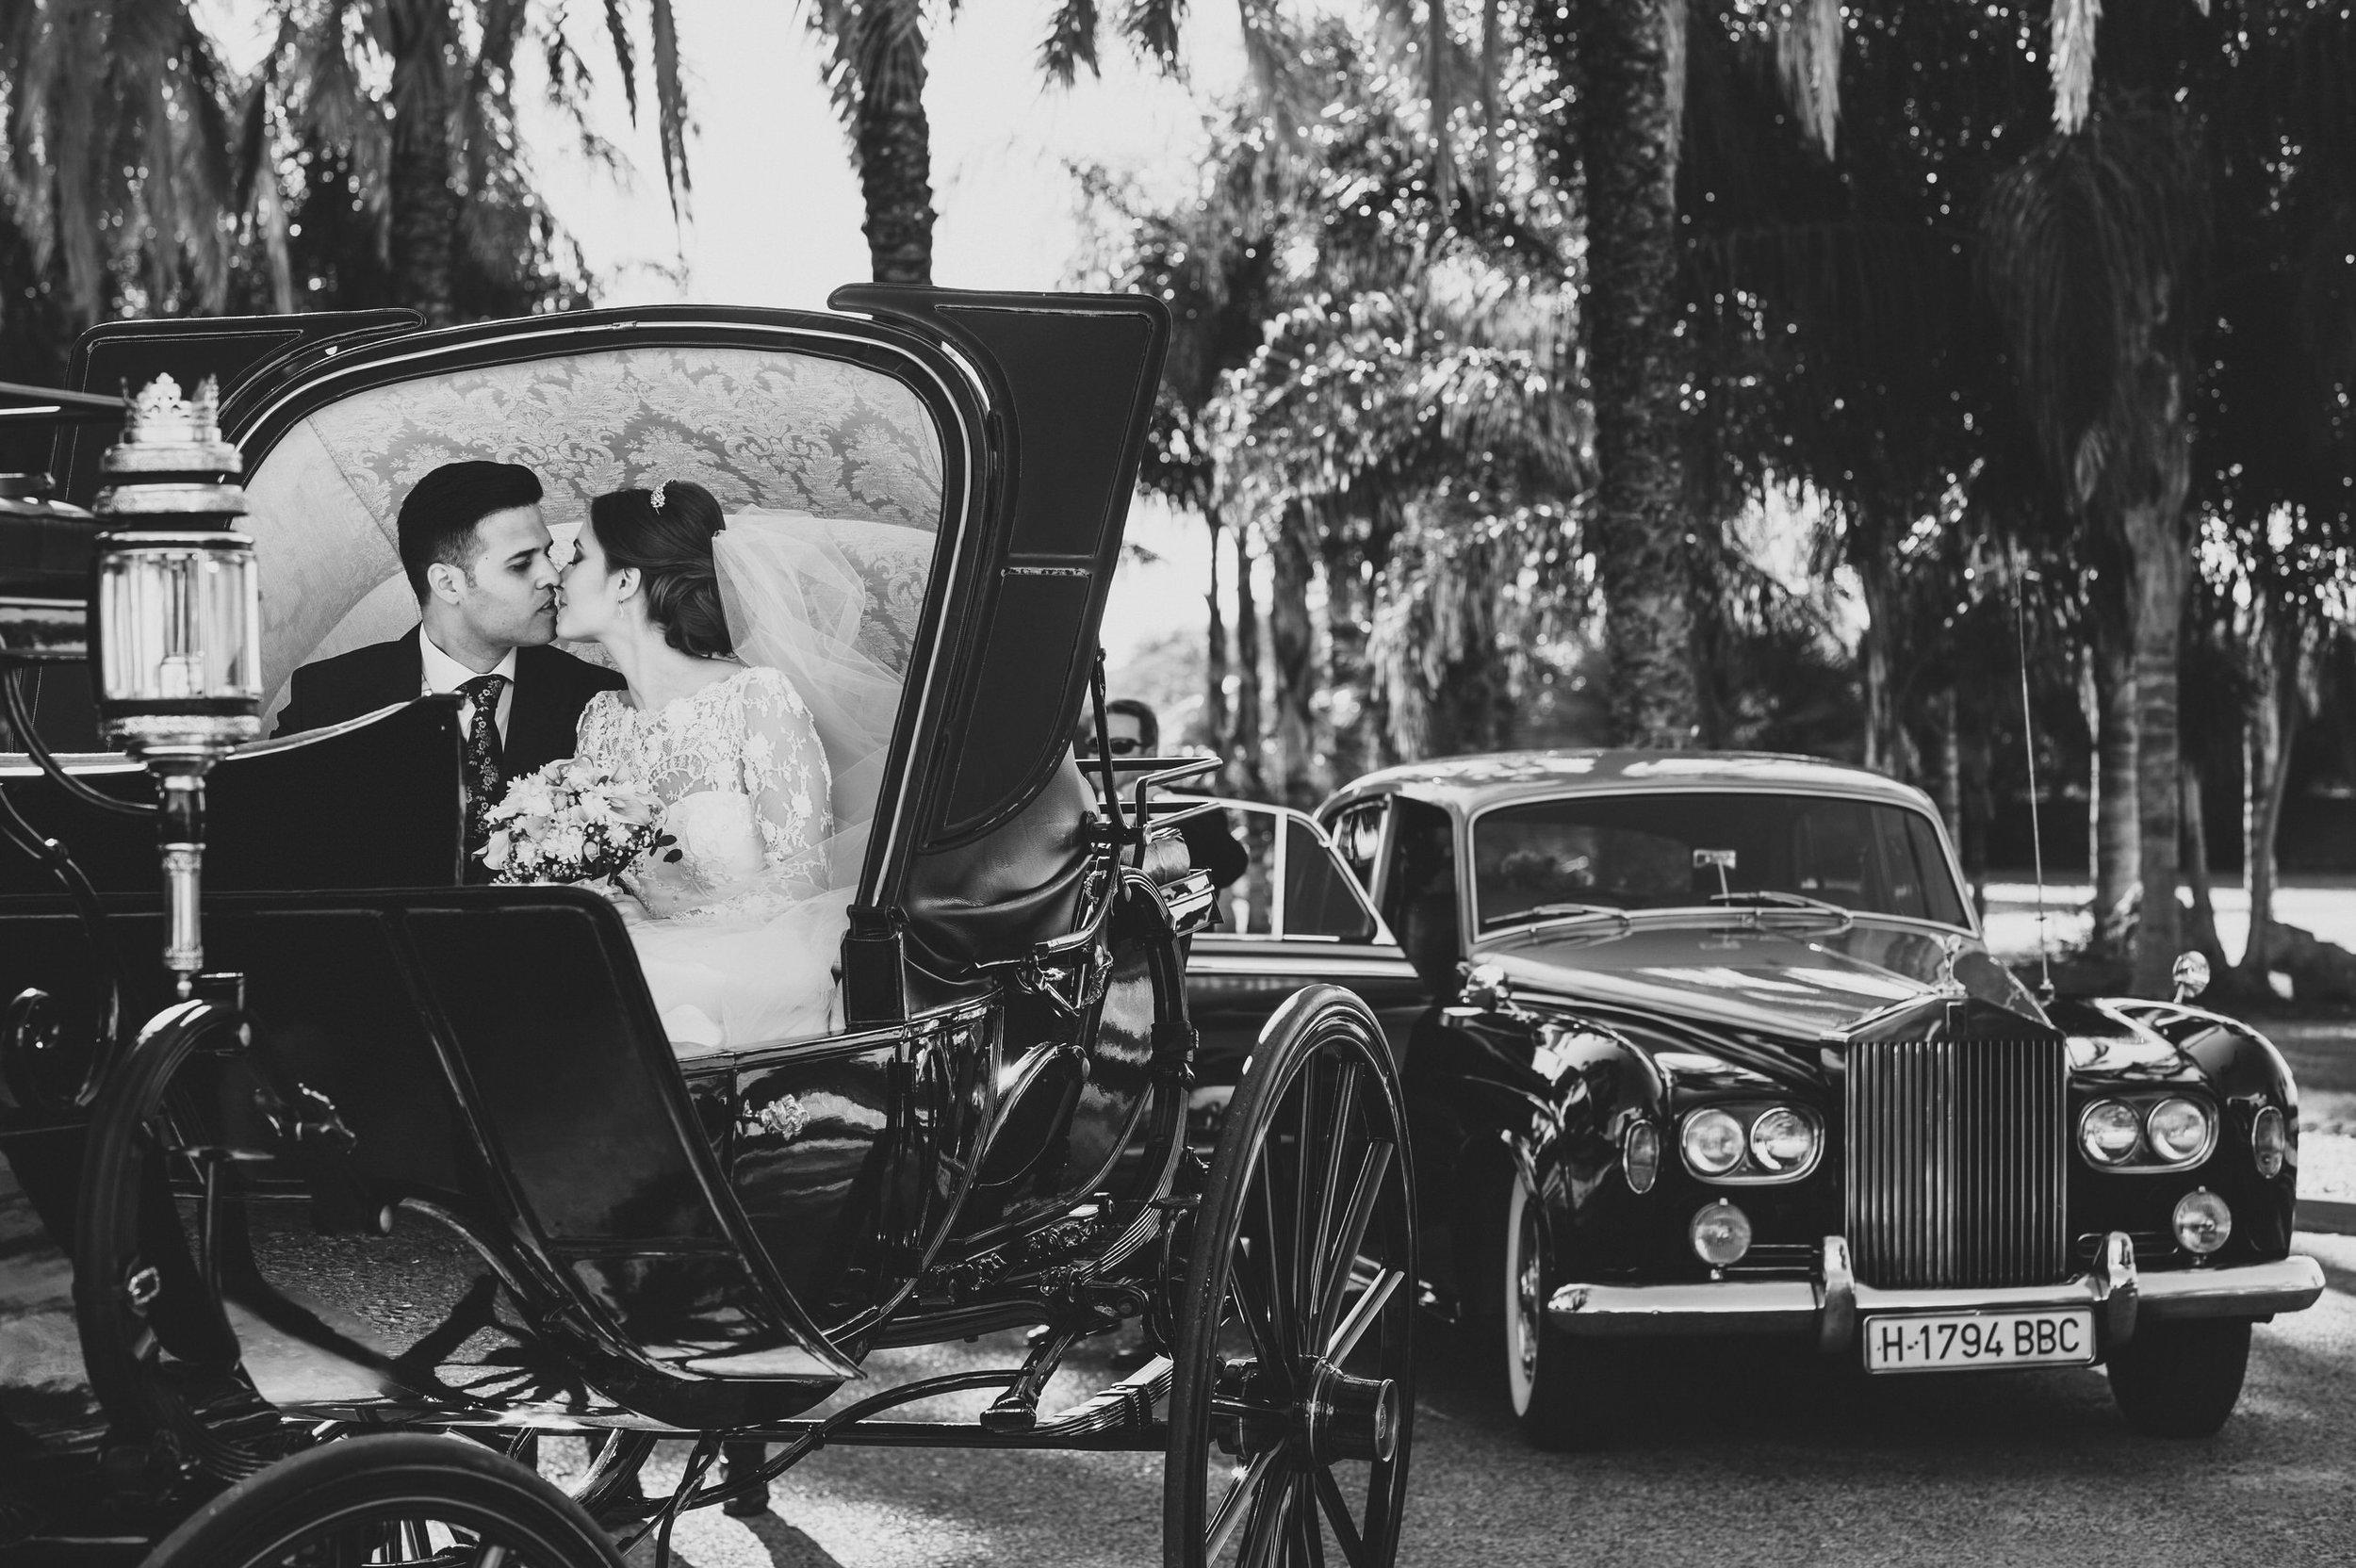 Andrés+Amarillo+fotografo+boda+Utrera+Dos+Hermanas+Santa+Maria+la+blanca+albaraca+Ivan+Campaña+los+tumbao (9).JPG